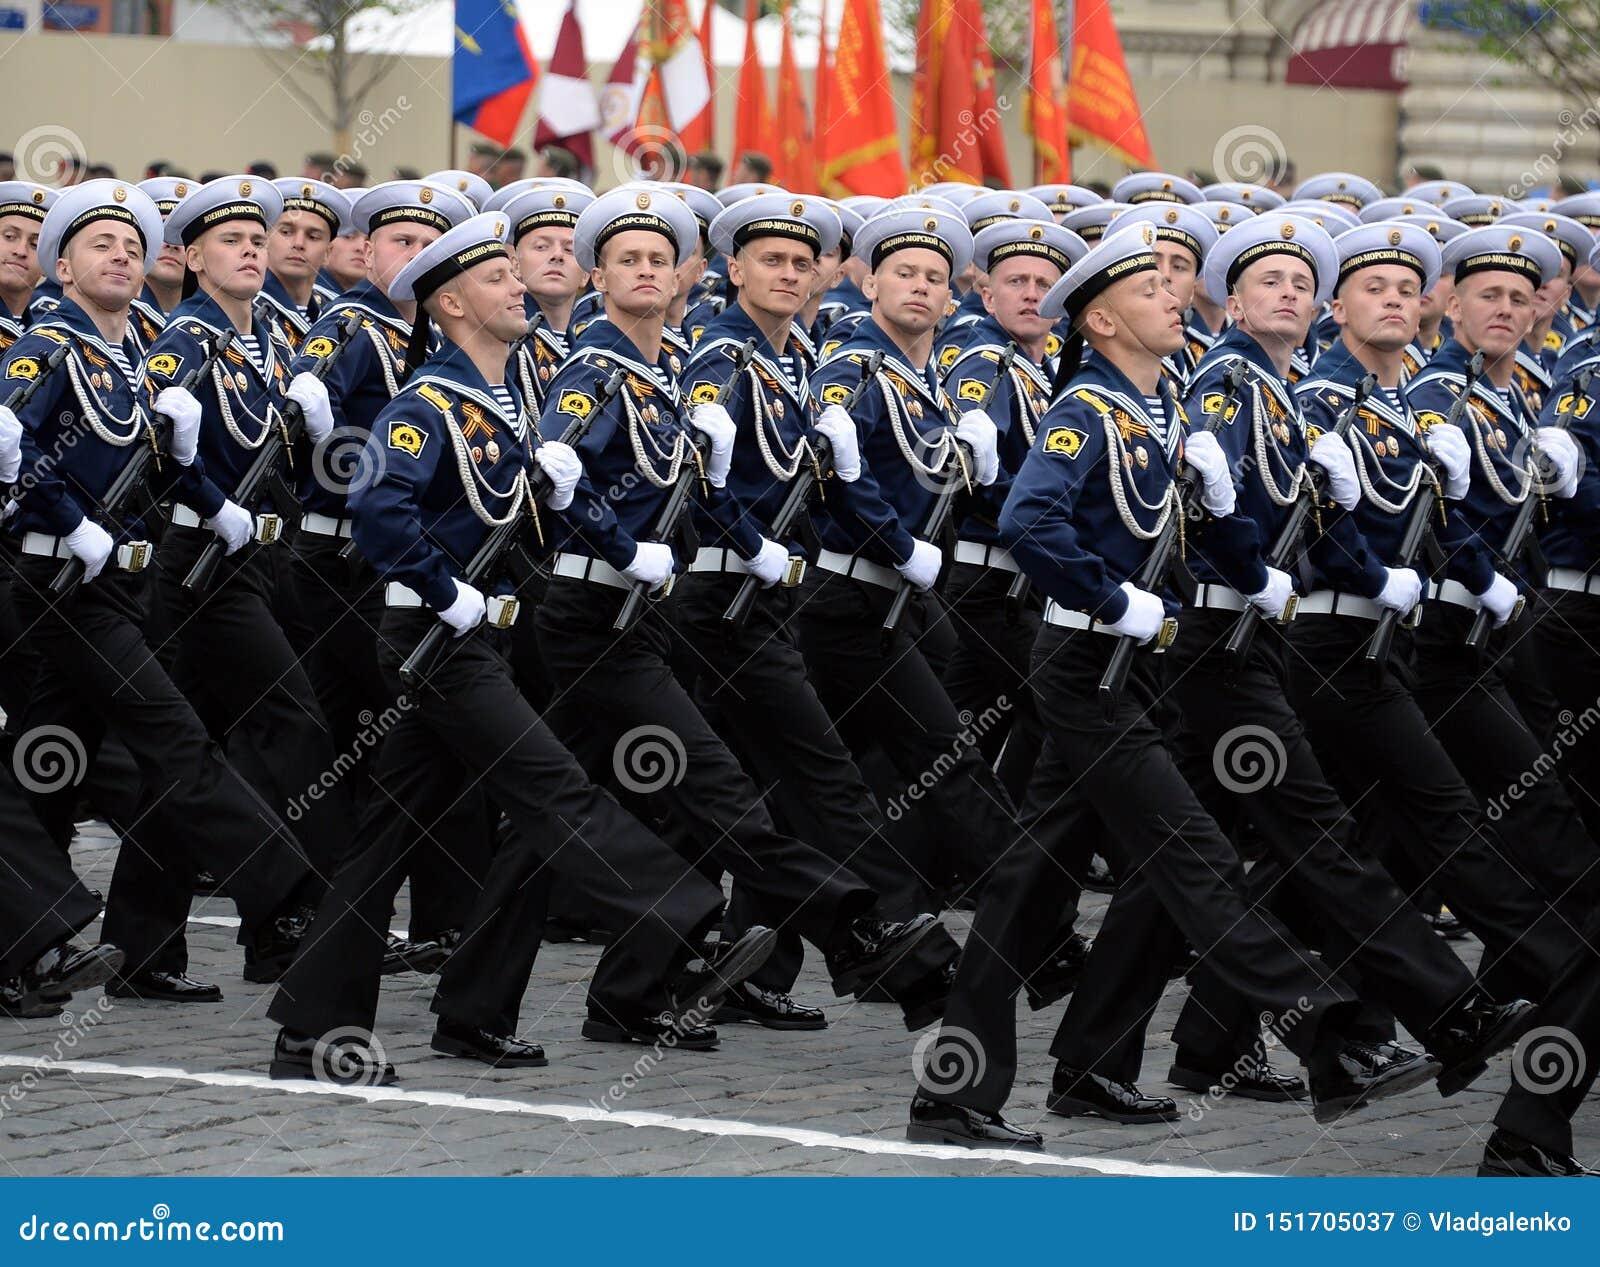 Μαθητές στρατιωτικής σχολής του ναυτικού πολυτεχνικού ιδρύματος κατά τη διάρκεια της παρέλασης στο κόκκινο τετράγωνο προς τιμή τη